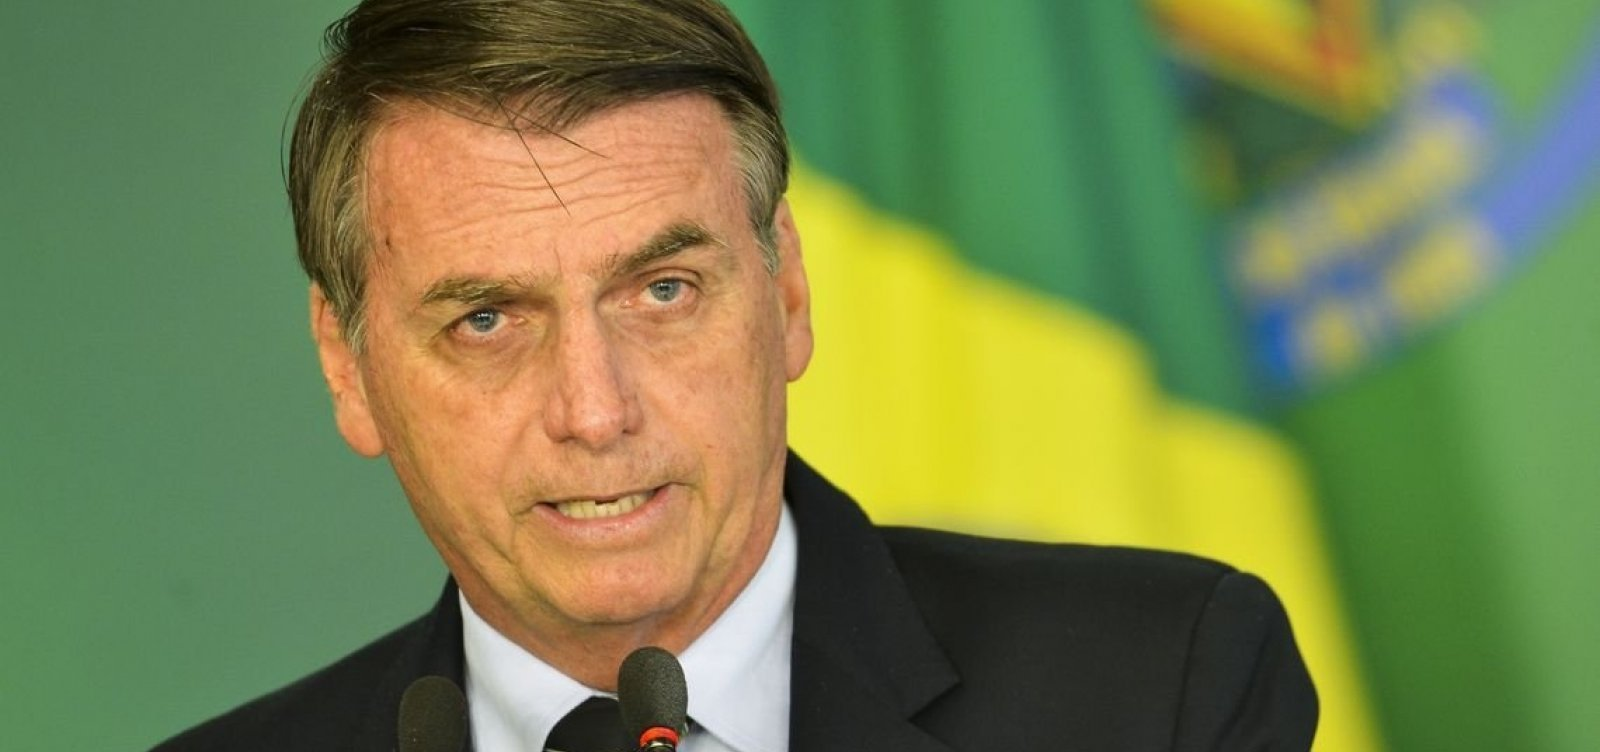 Governo Federal disponibiliza R$ 4 bilhões para operações de crédito no Nordeste